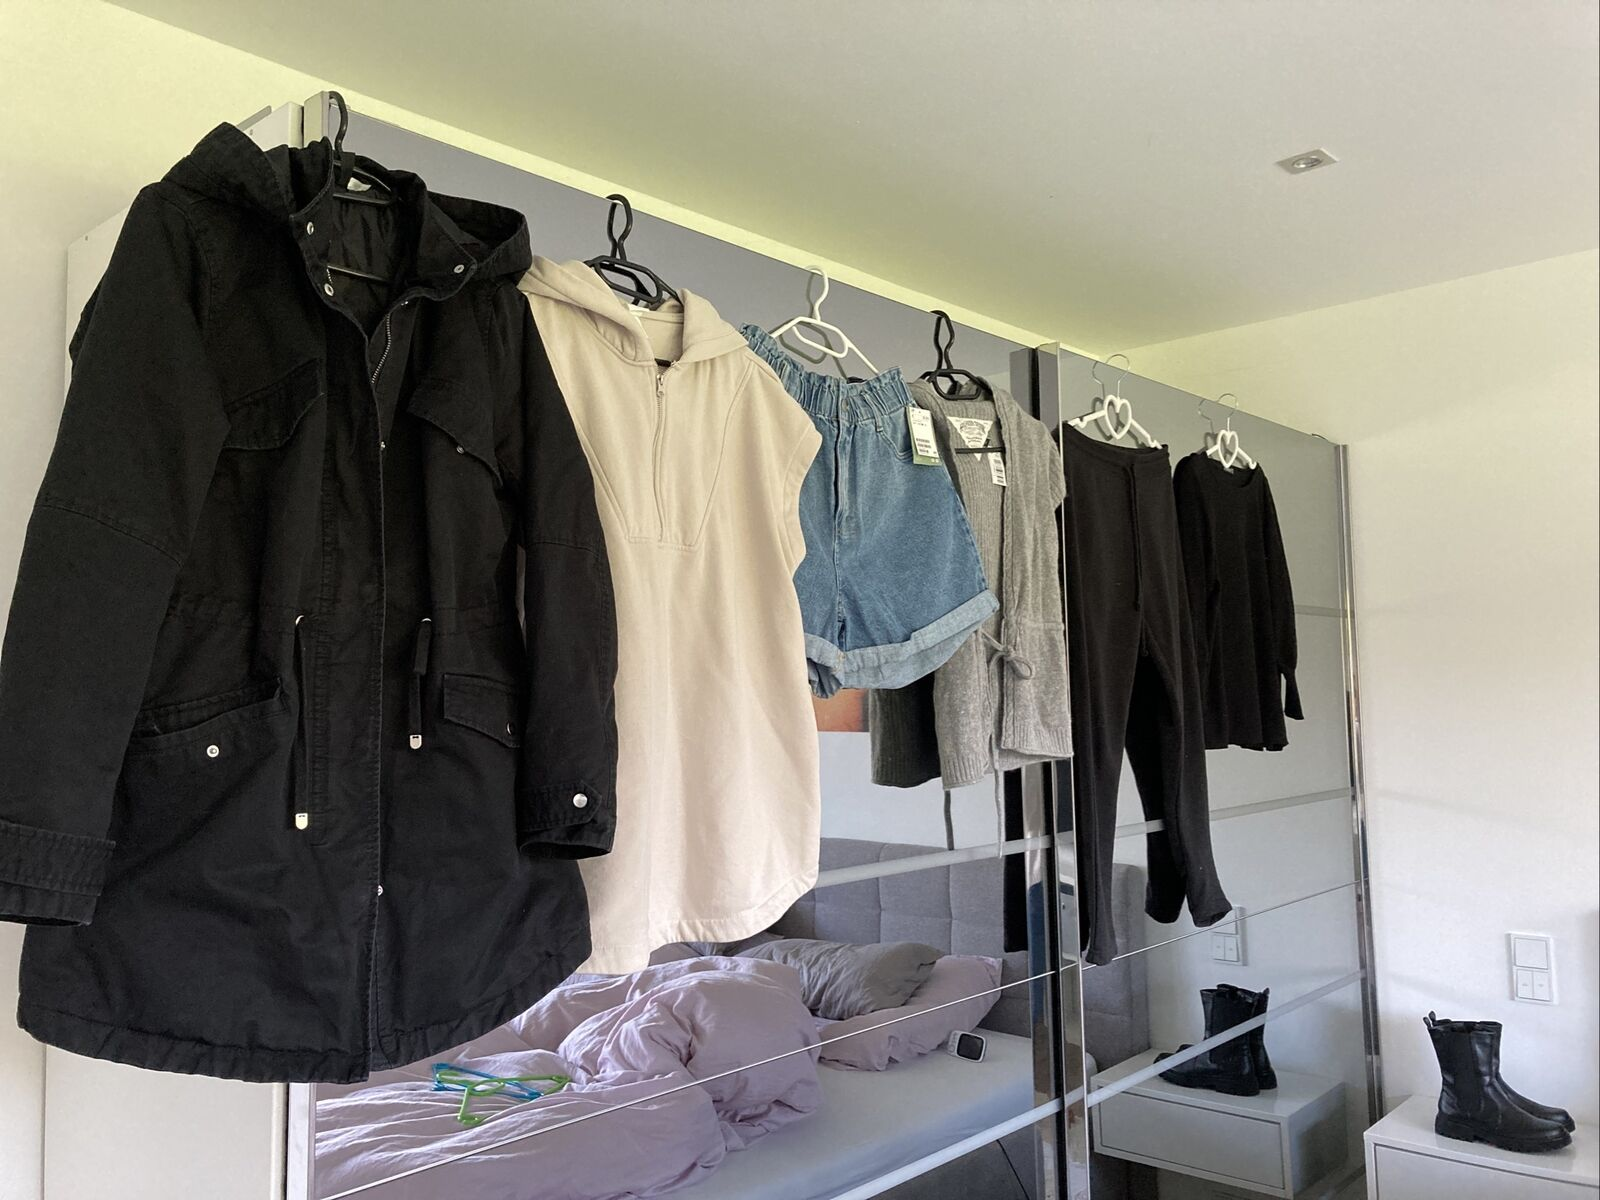 Riesen Marken Kleiderpaket S M 38 Tommy Hilfiger H&m Ambellis